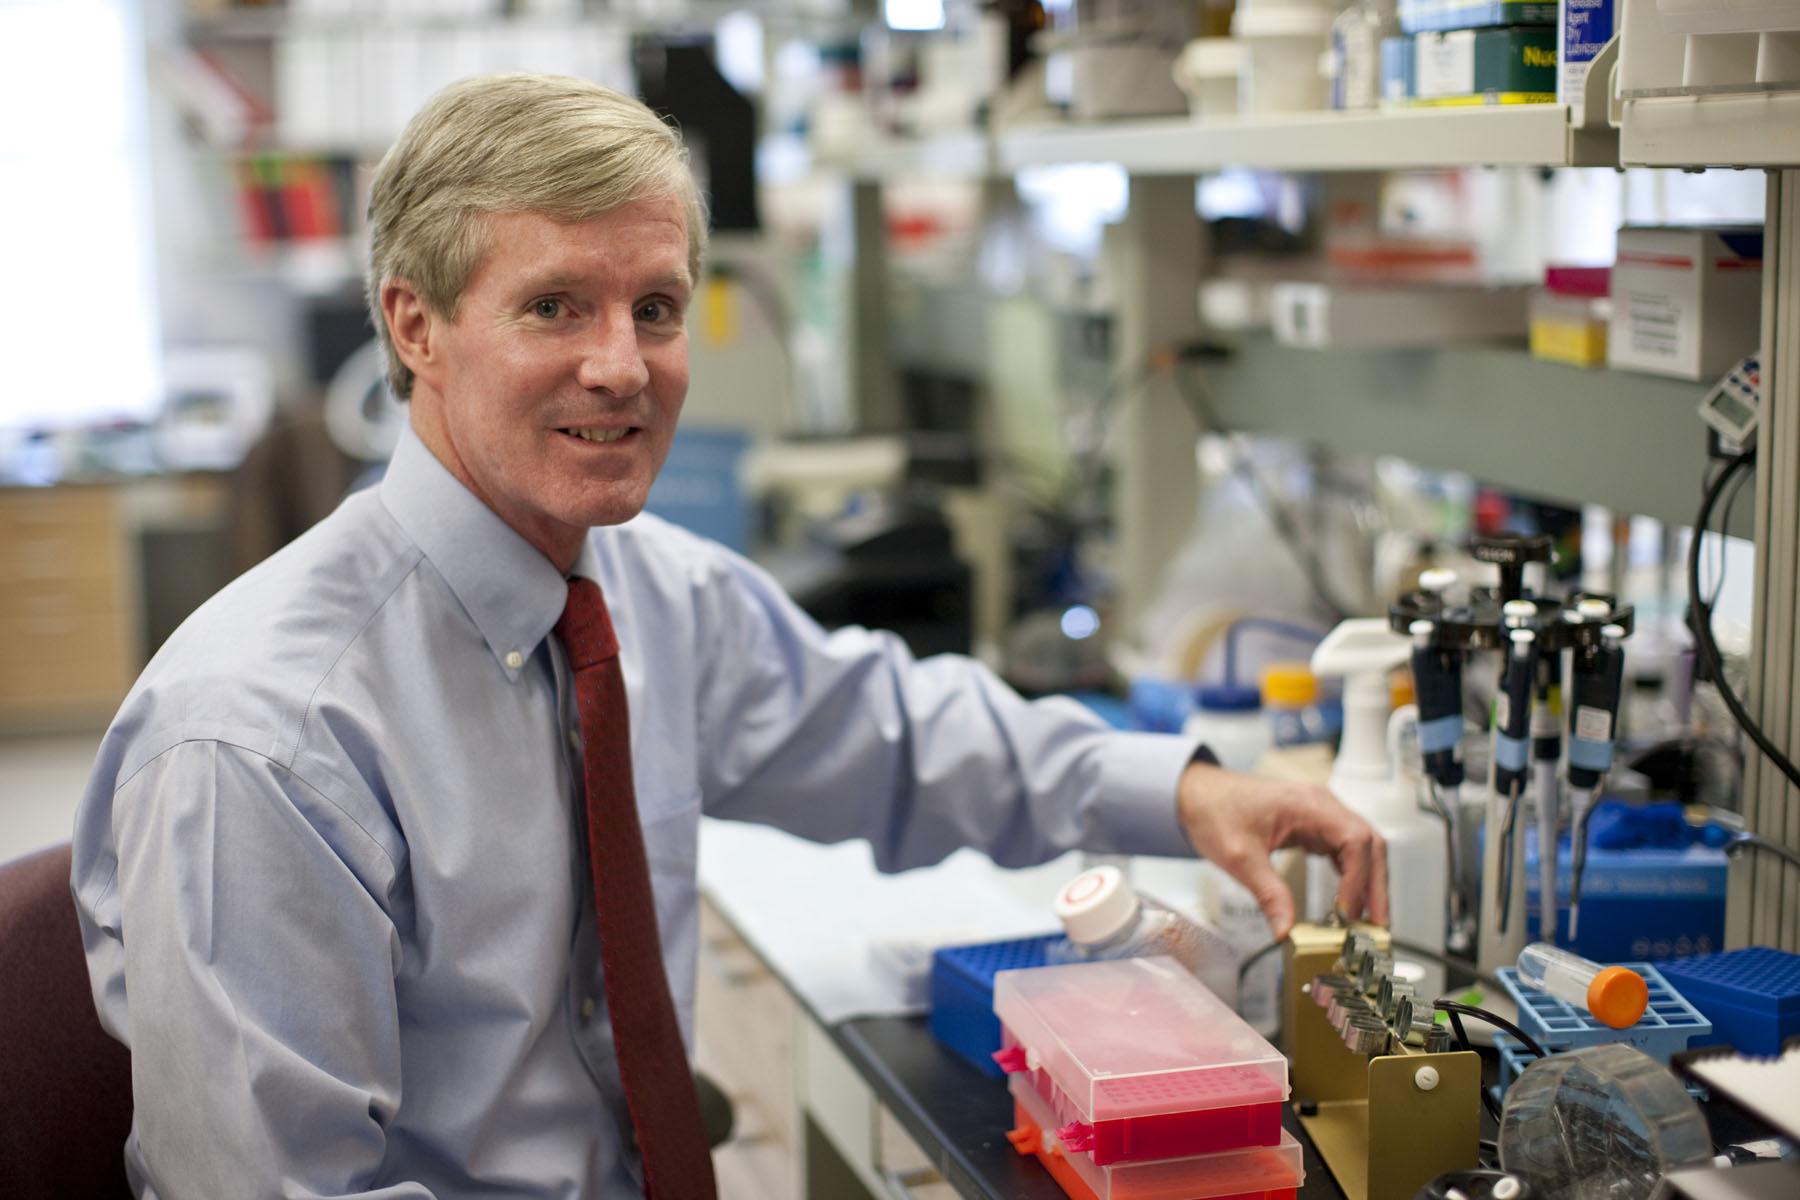 Robin Felder, PhD